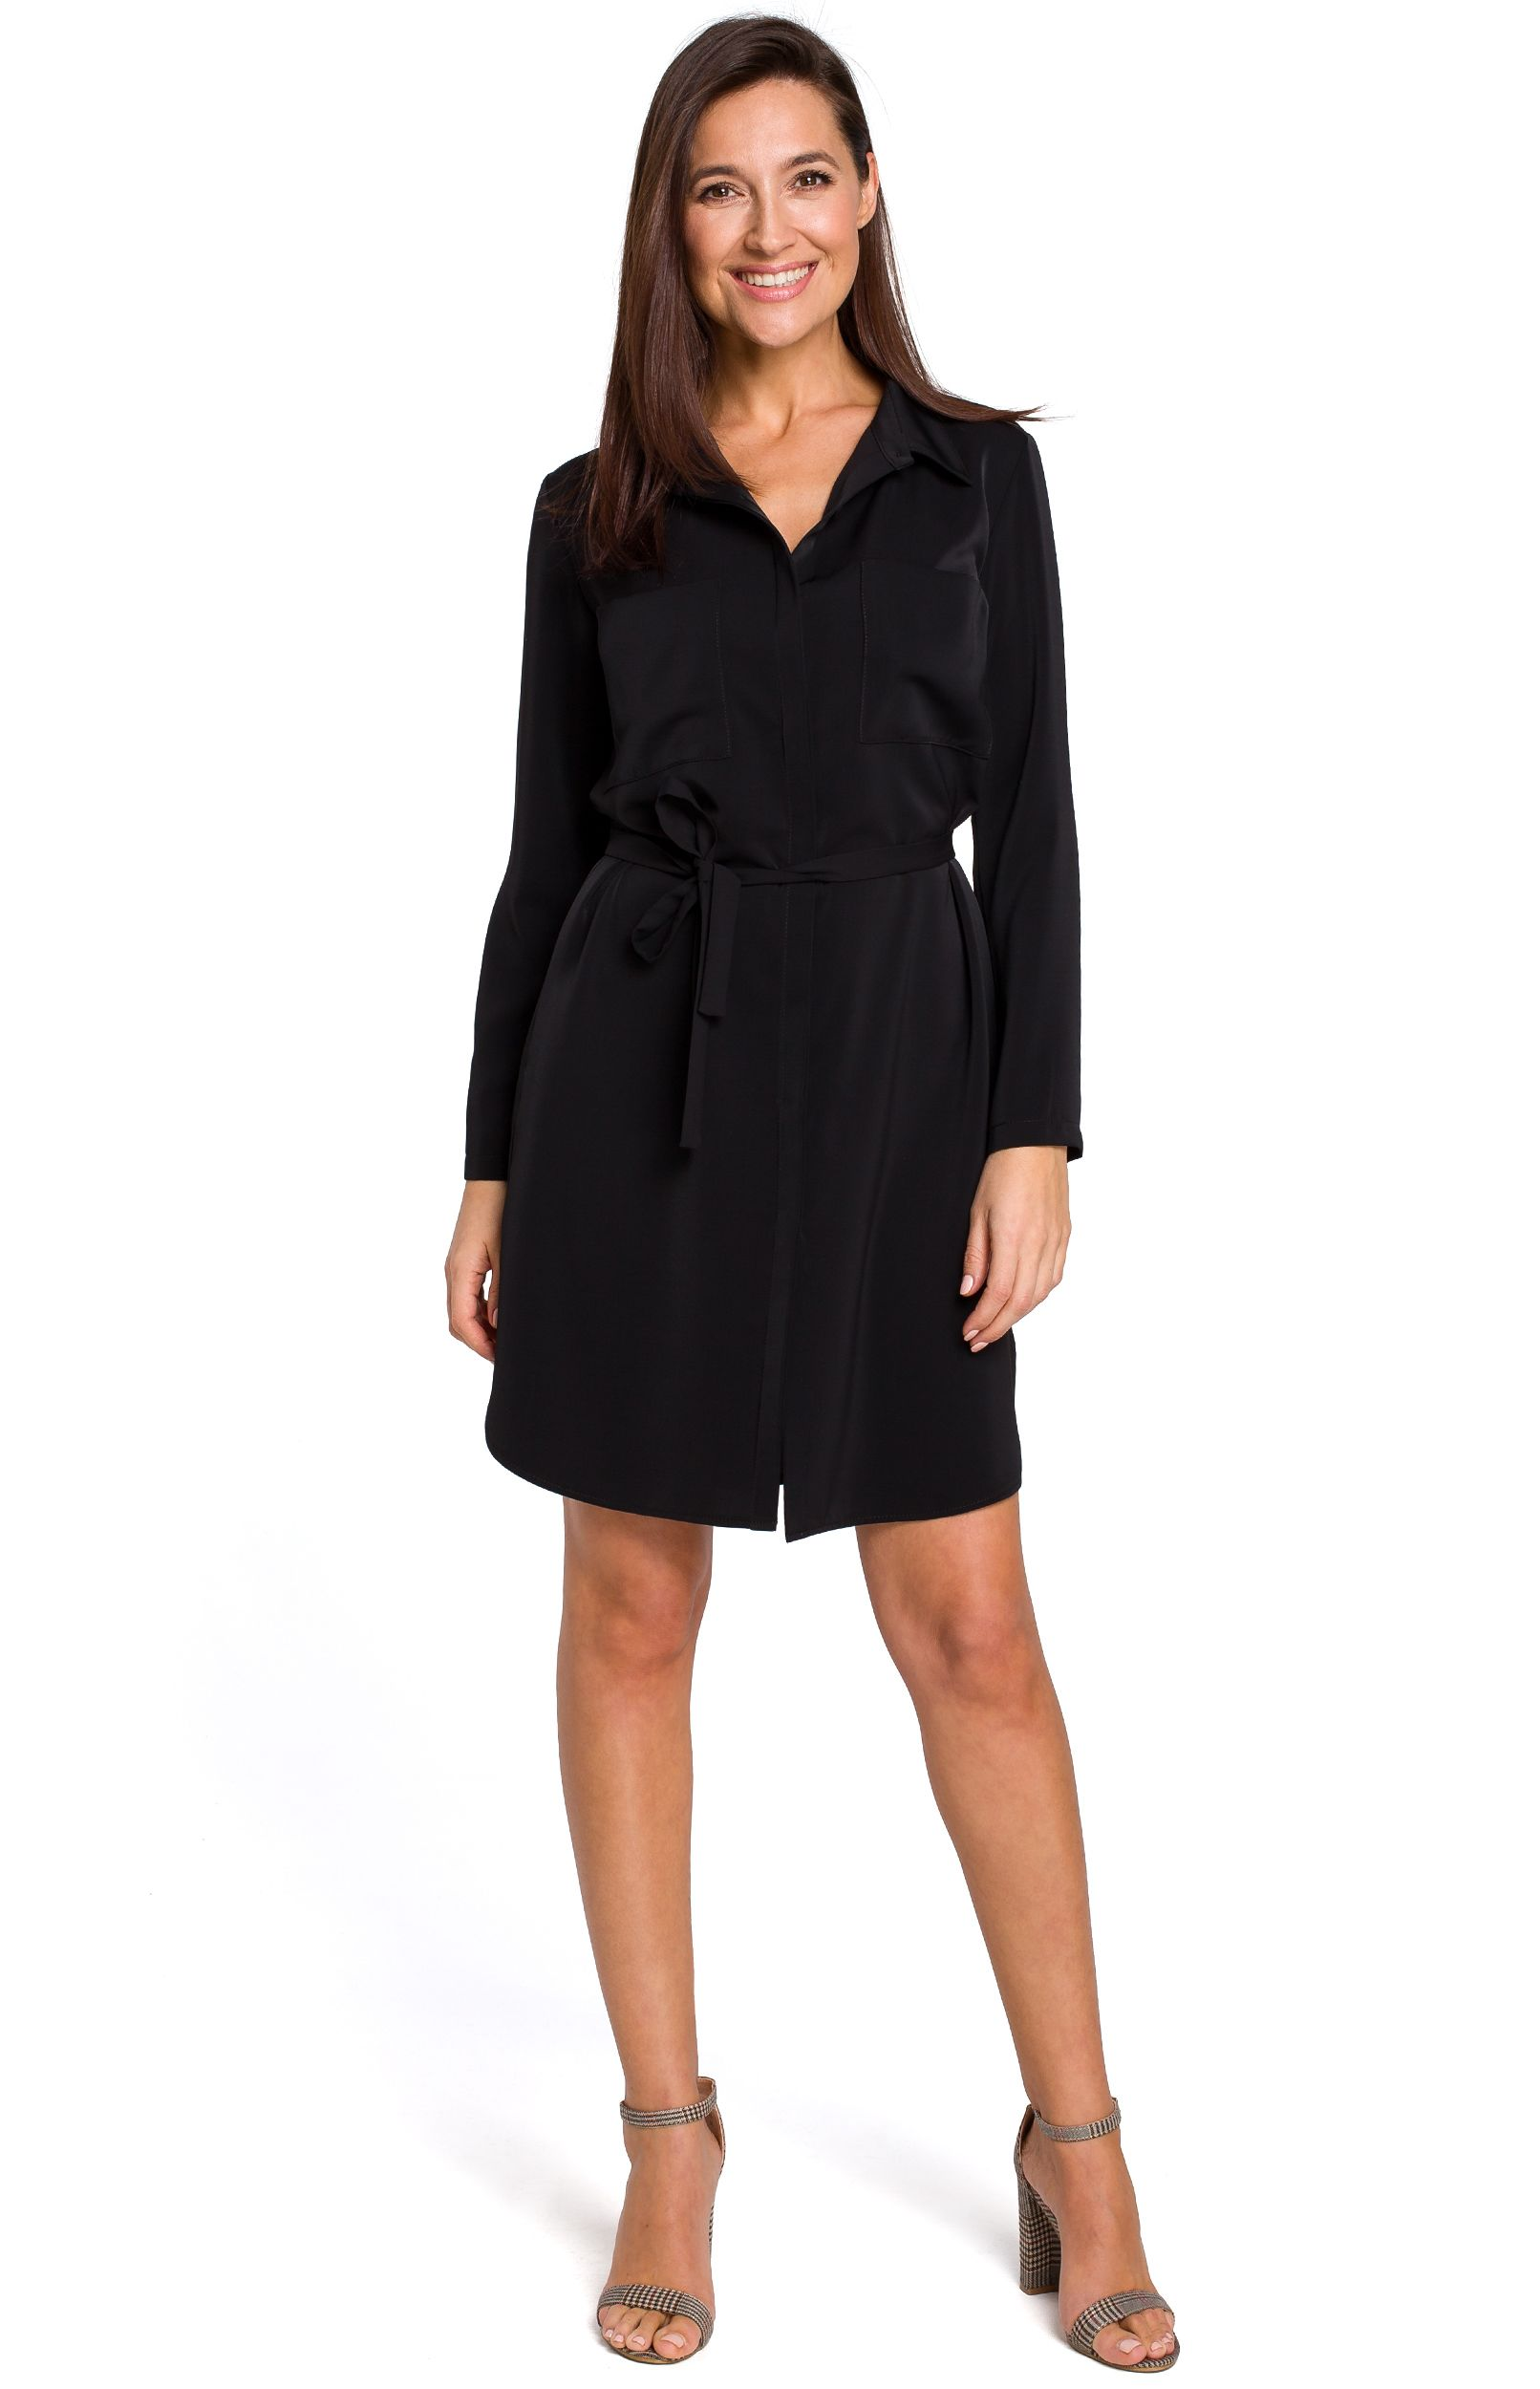 55be96d2764 Robe chemise noire Style S145N   idresstocode  boutique de ...